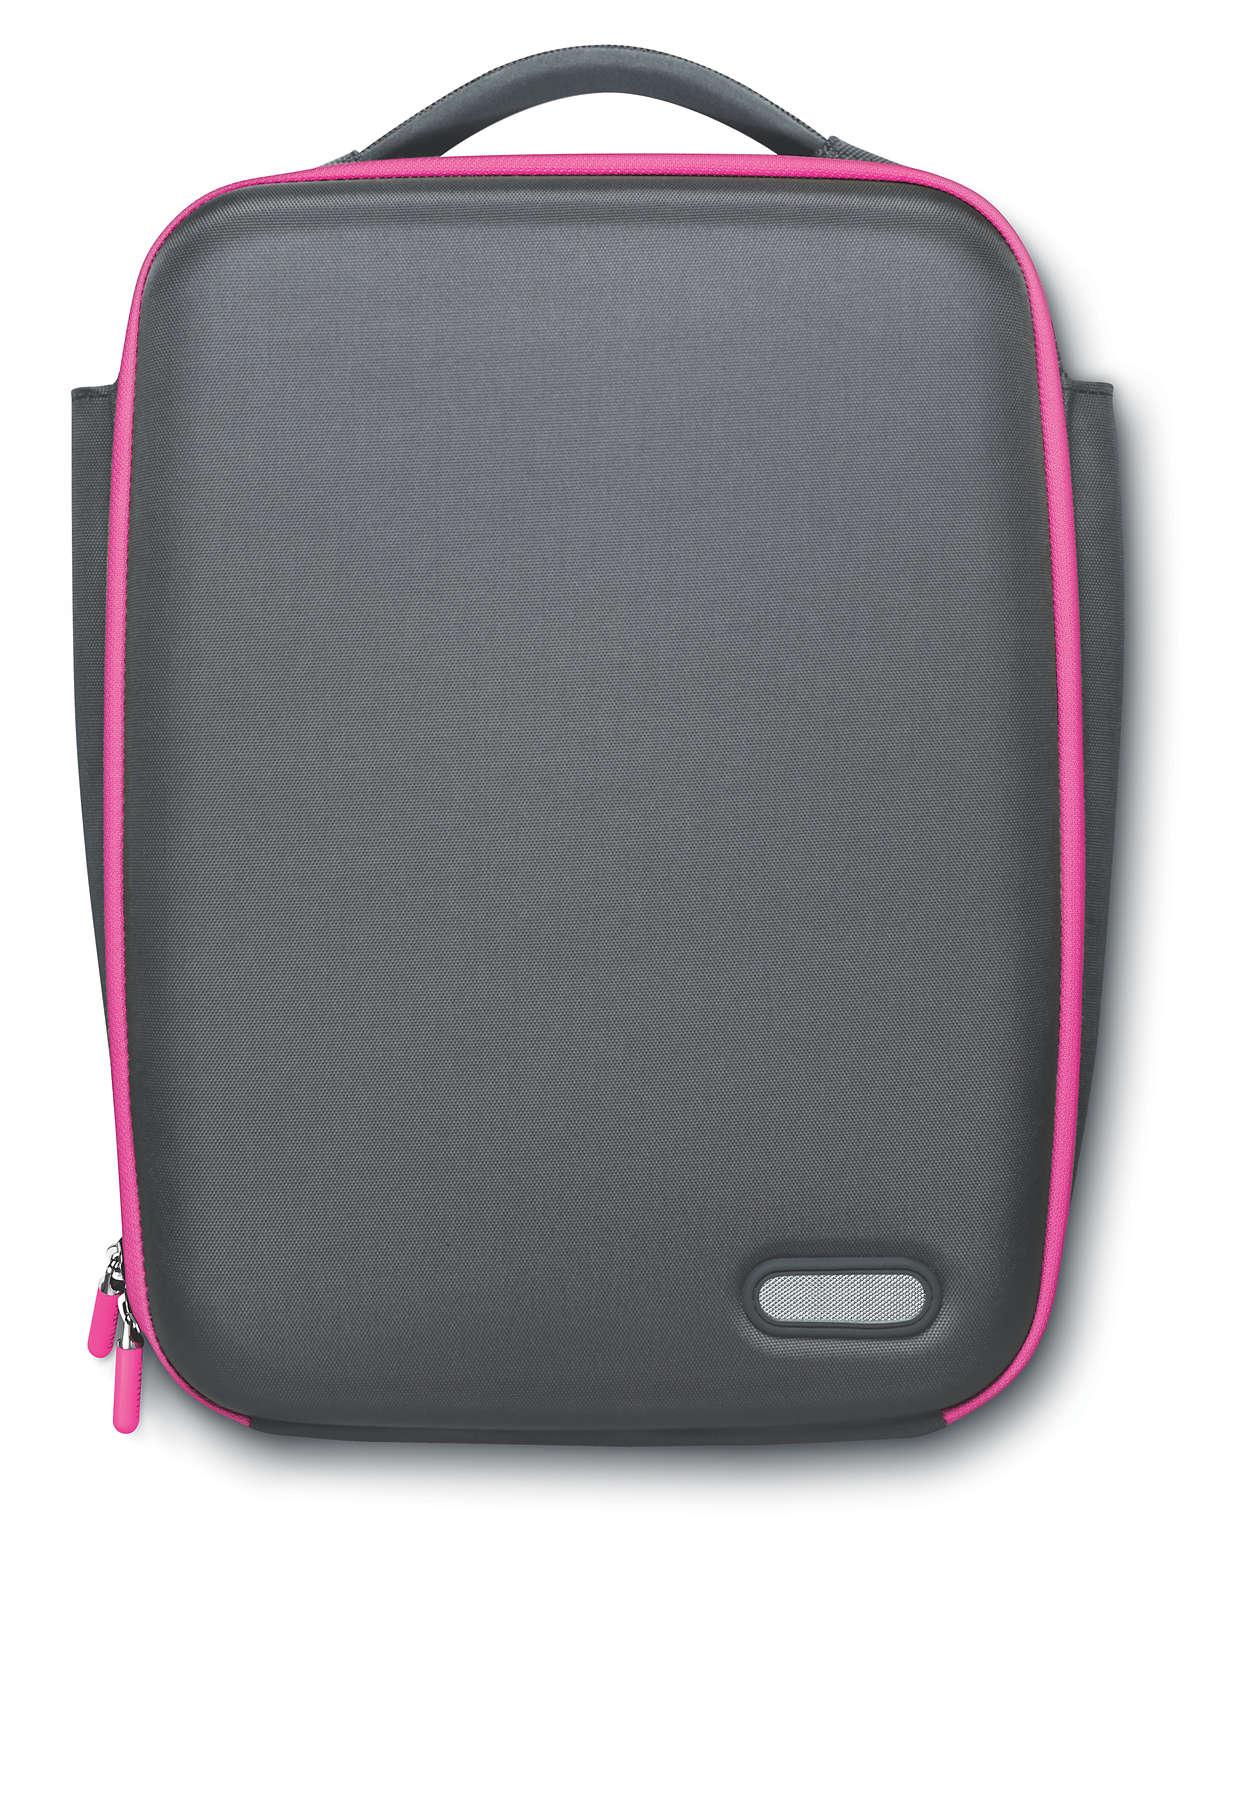 sacoche pour mini ordinateur portable sle5100pn 10 philips. Black Bedroom Furniture Sets. Home Design Ideas